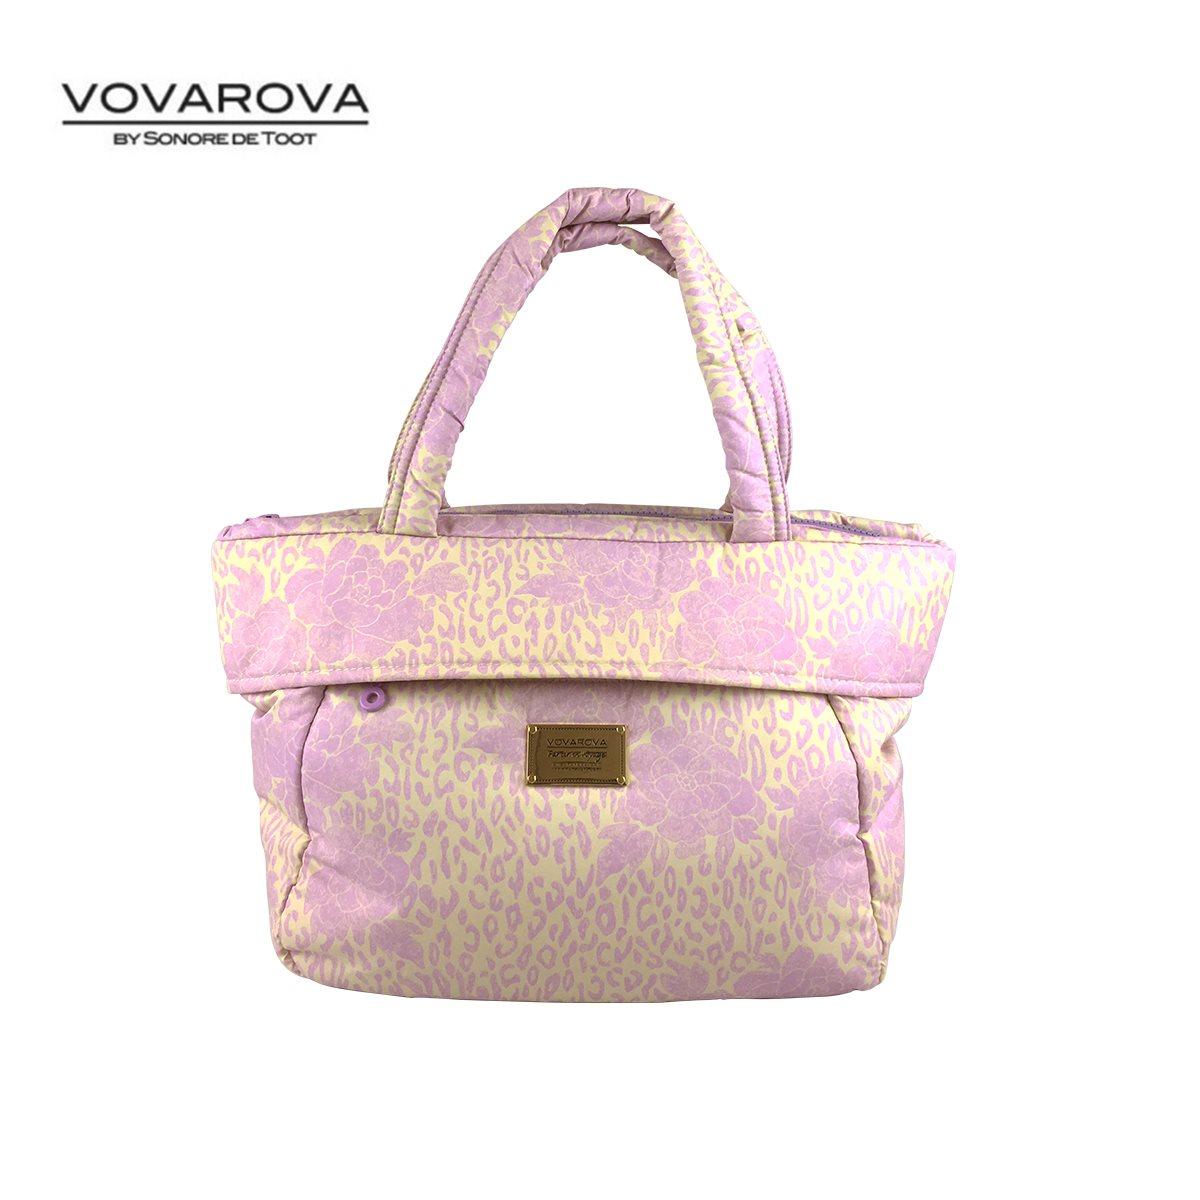 粉红色邮差包 VOVAROVA反折邮差包粉红色运动机能背包单肩包斜挎包女士国潮包_推荐淘宝好看的粉红色邮差包